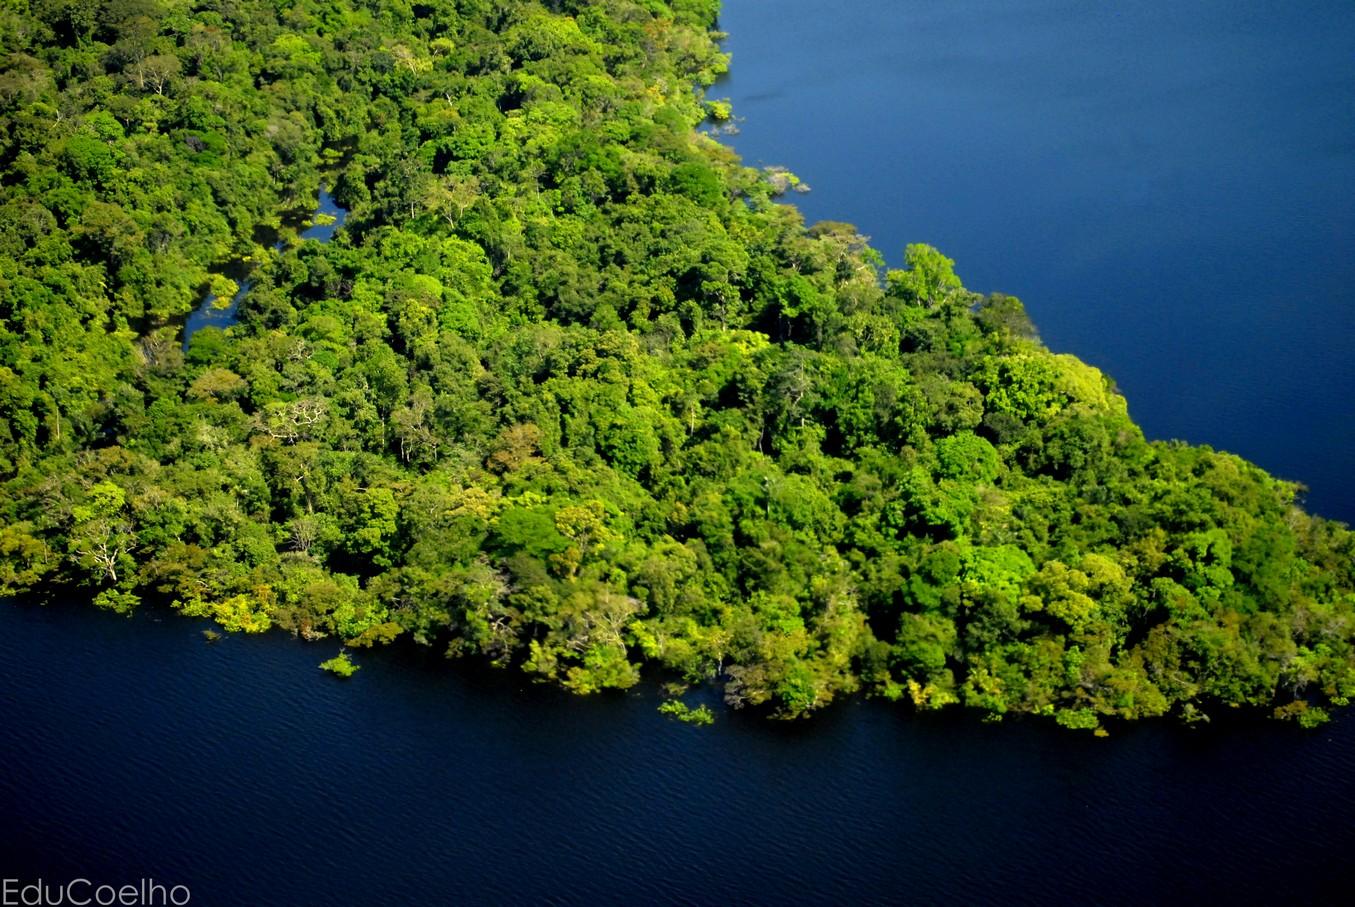 FAO e Instituto Mamirauá recebem financiamento do GEF para fortalecer manejo sustentável na Amazônia